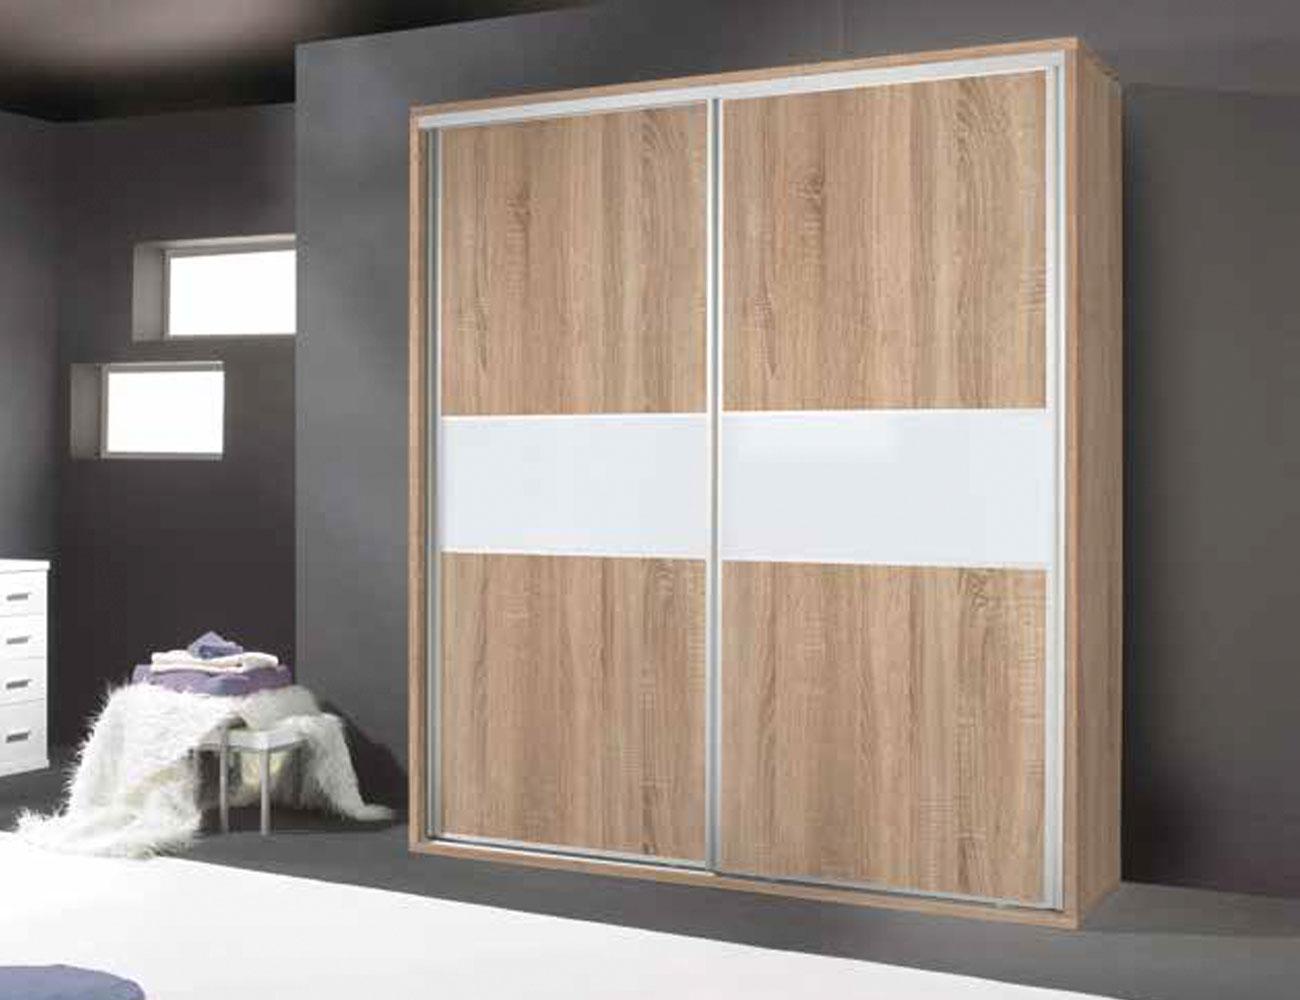 Armario moderno de 3 puertas correderas en cambrian ceniza - Puertas correderas o abatibles ...